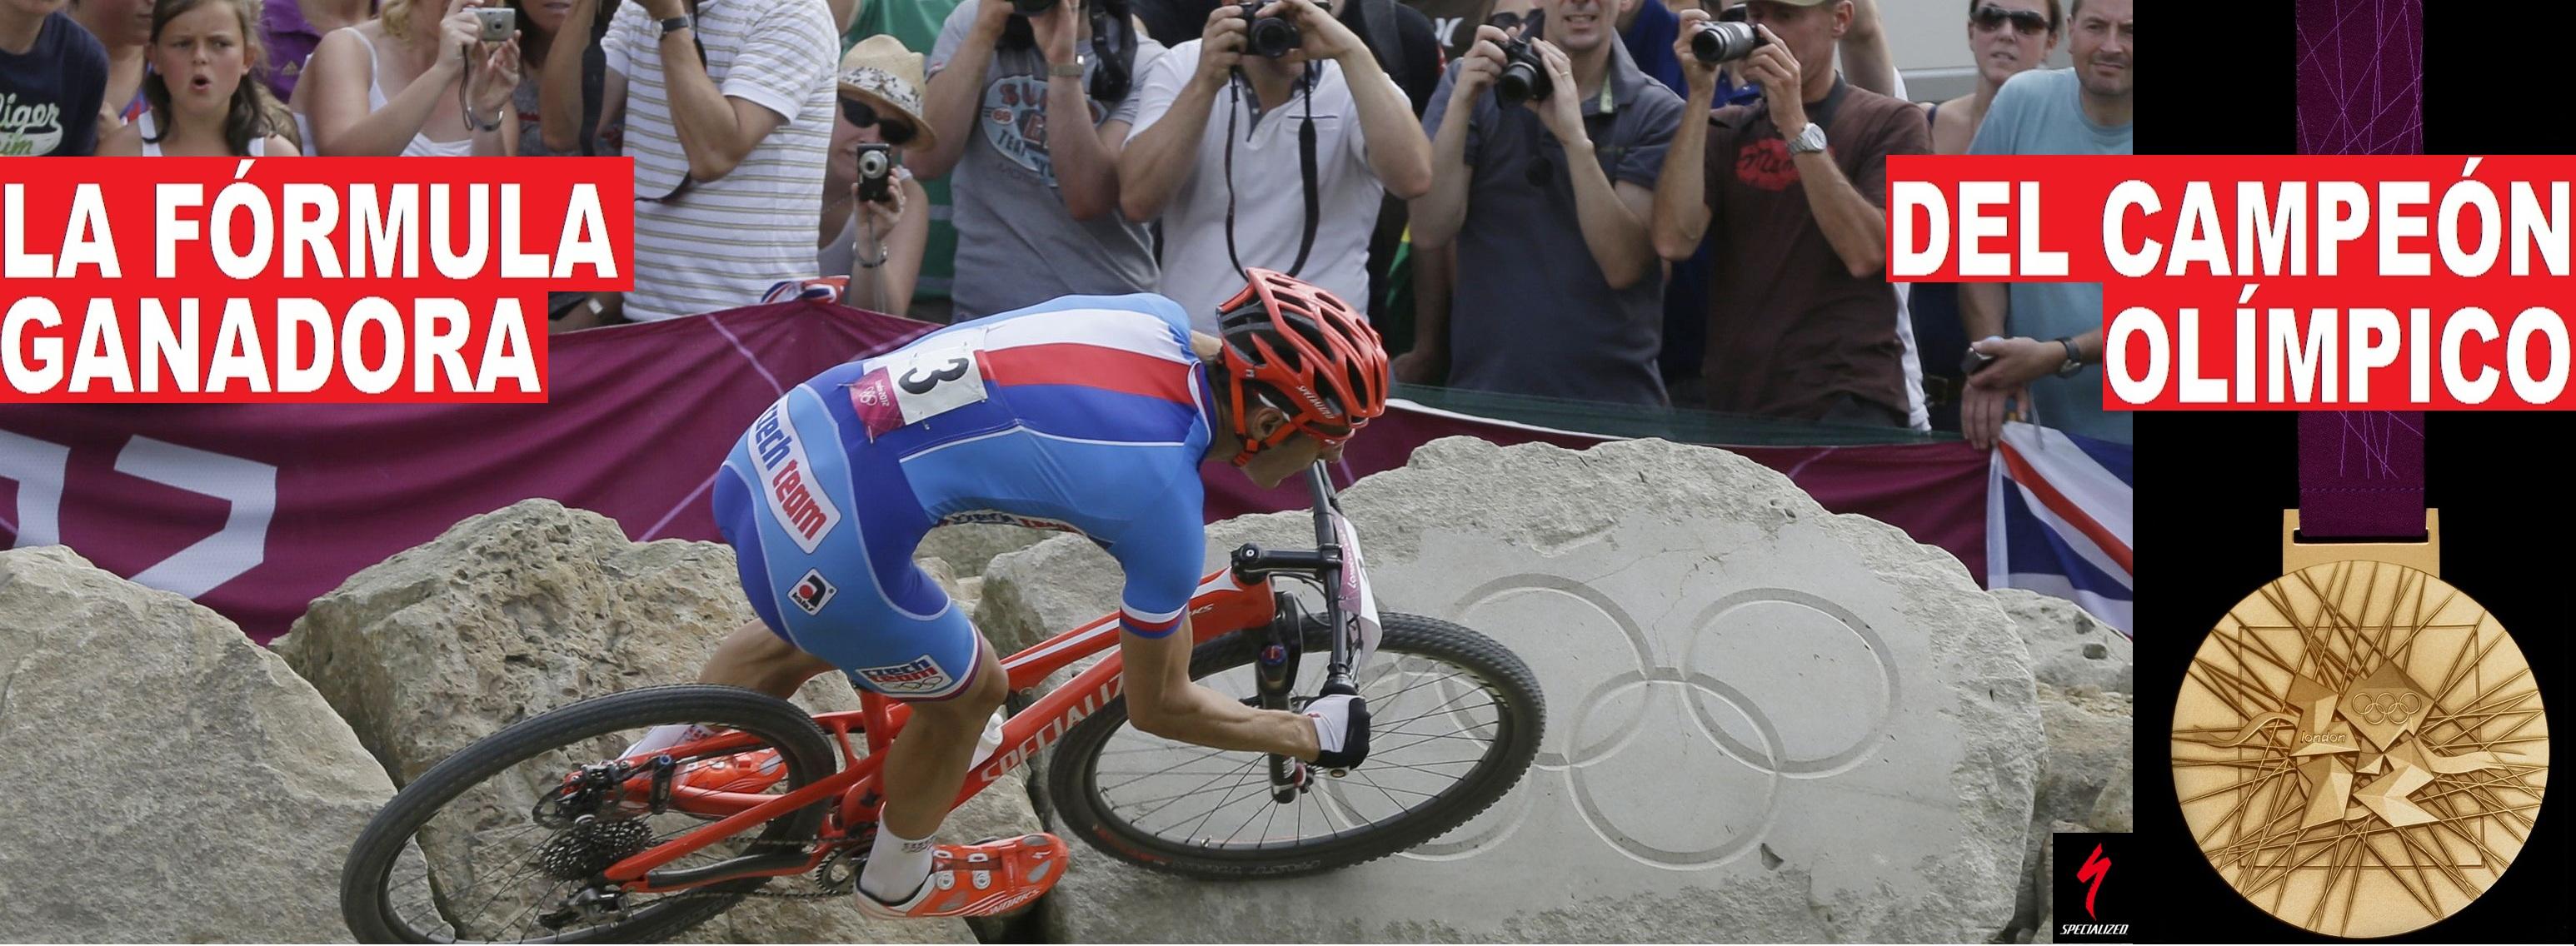 La formula ganadora del campeon olimpico